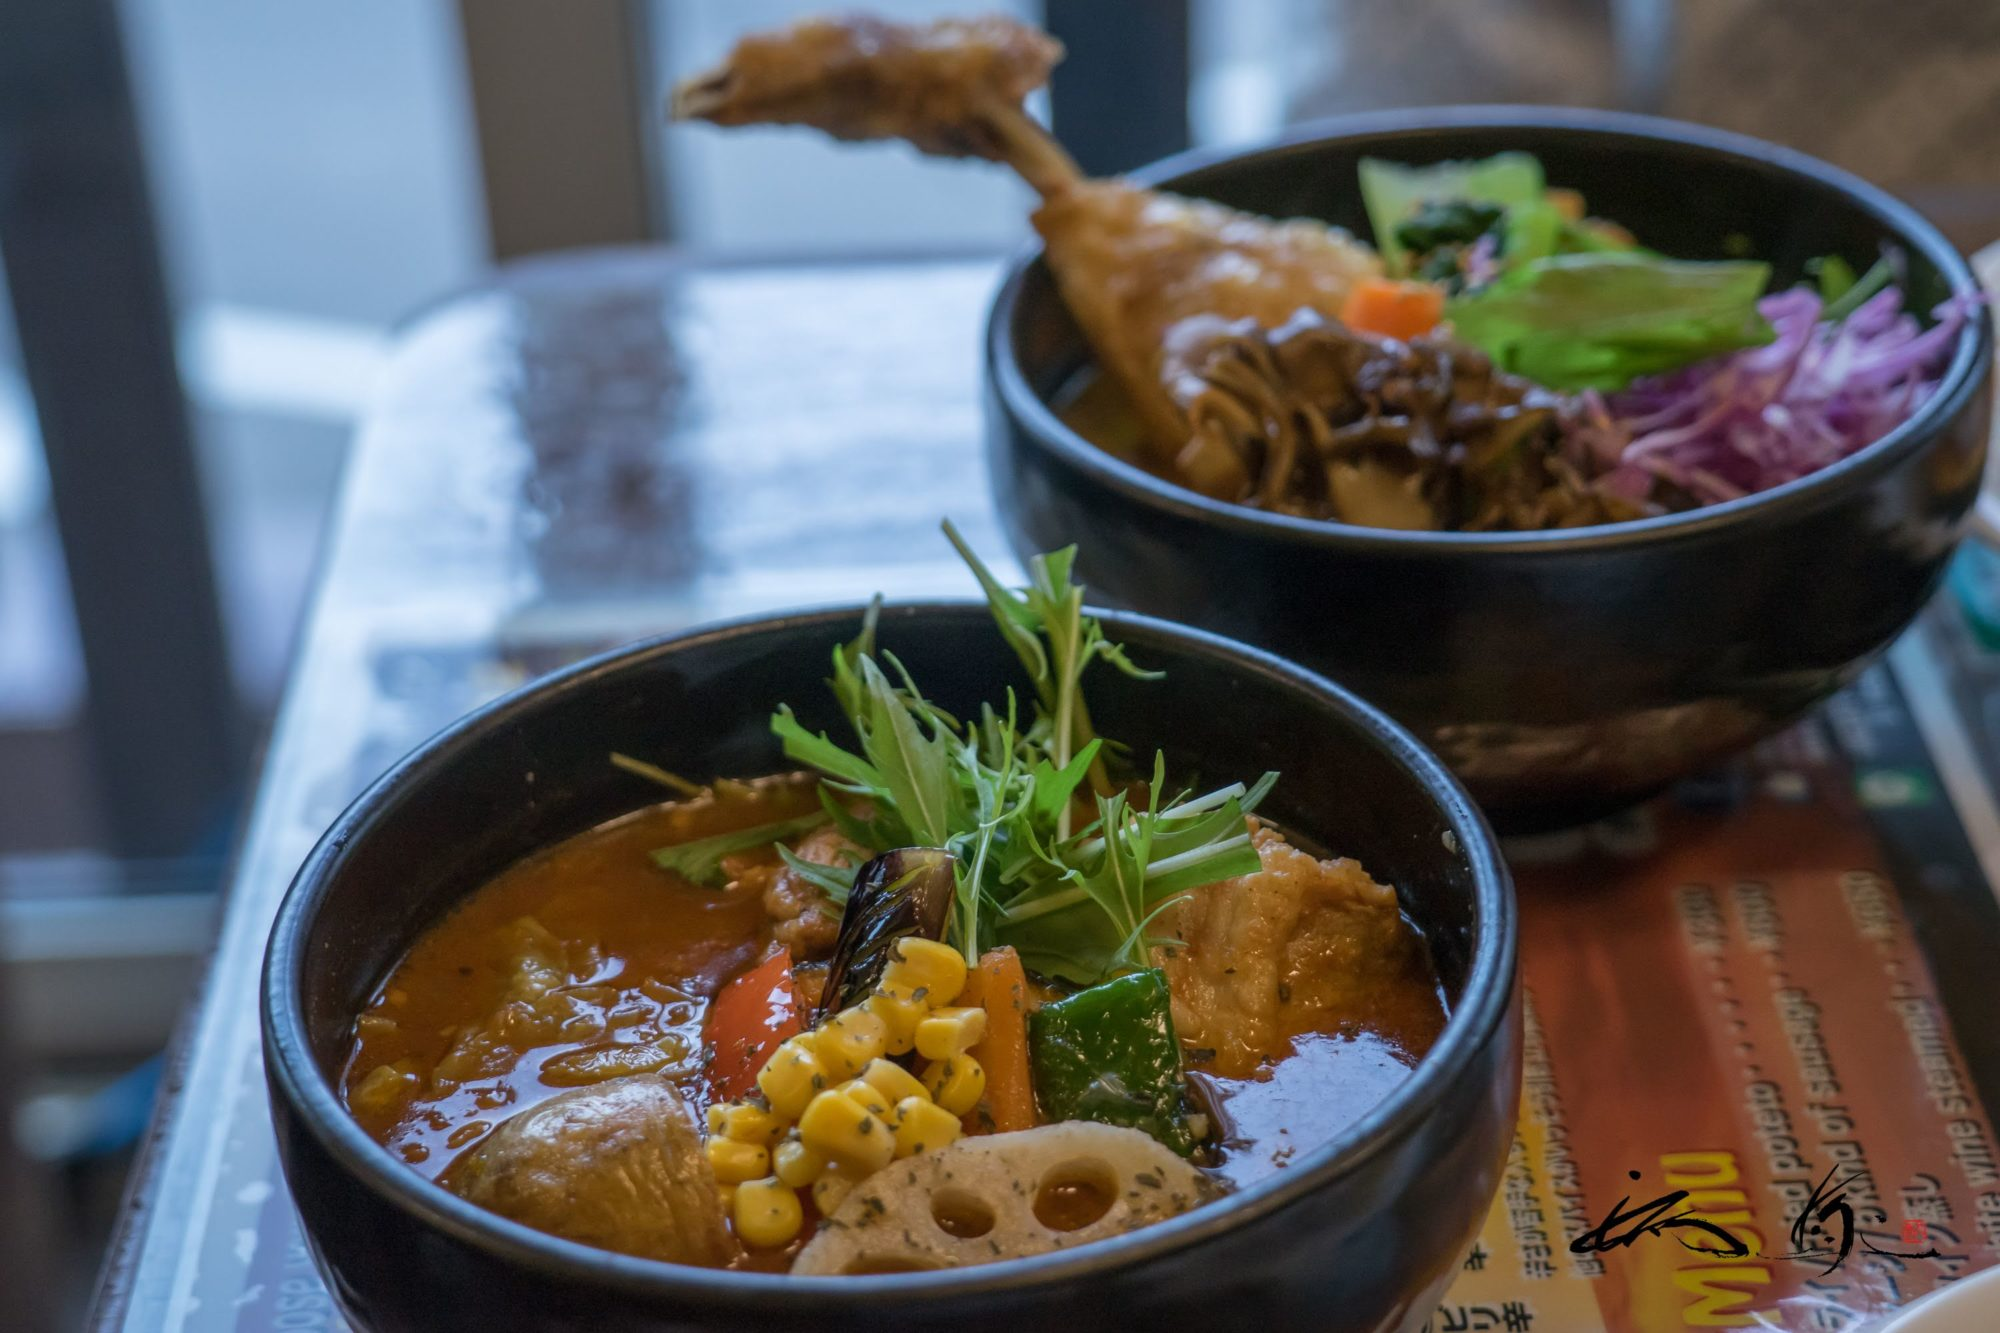 カオスヘブン 札幌店(札幌市)発芽玄米・道産食材にこだわるスープカレー屋さん